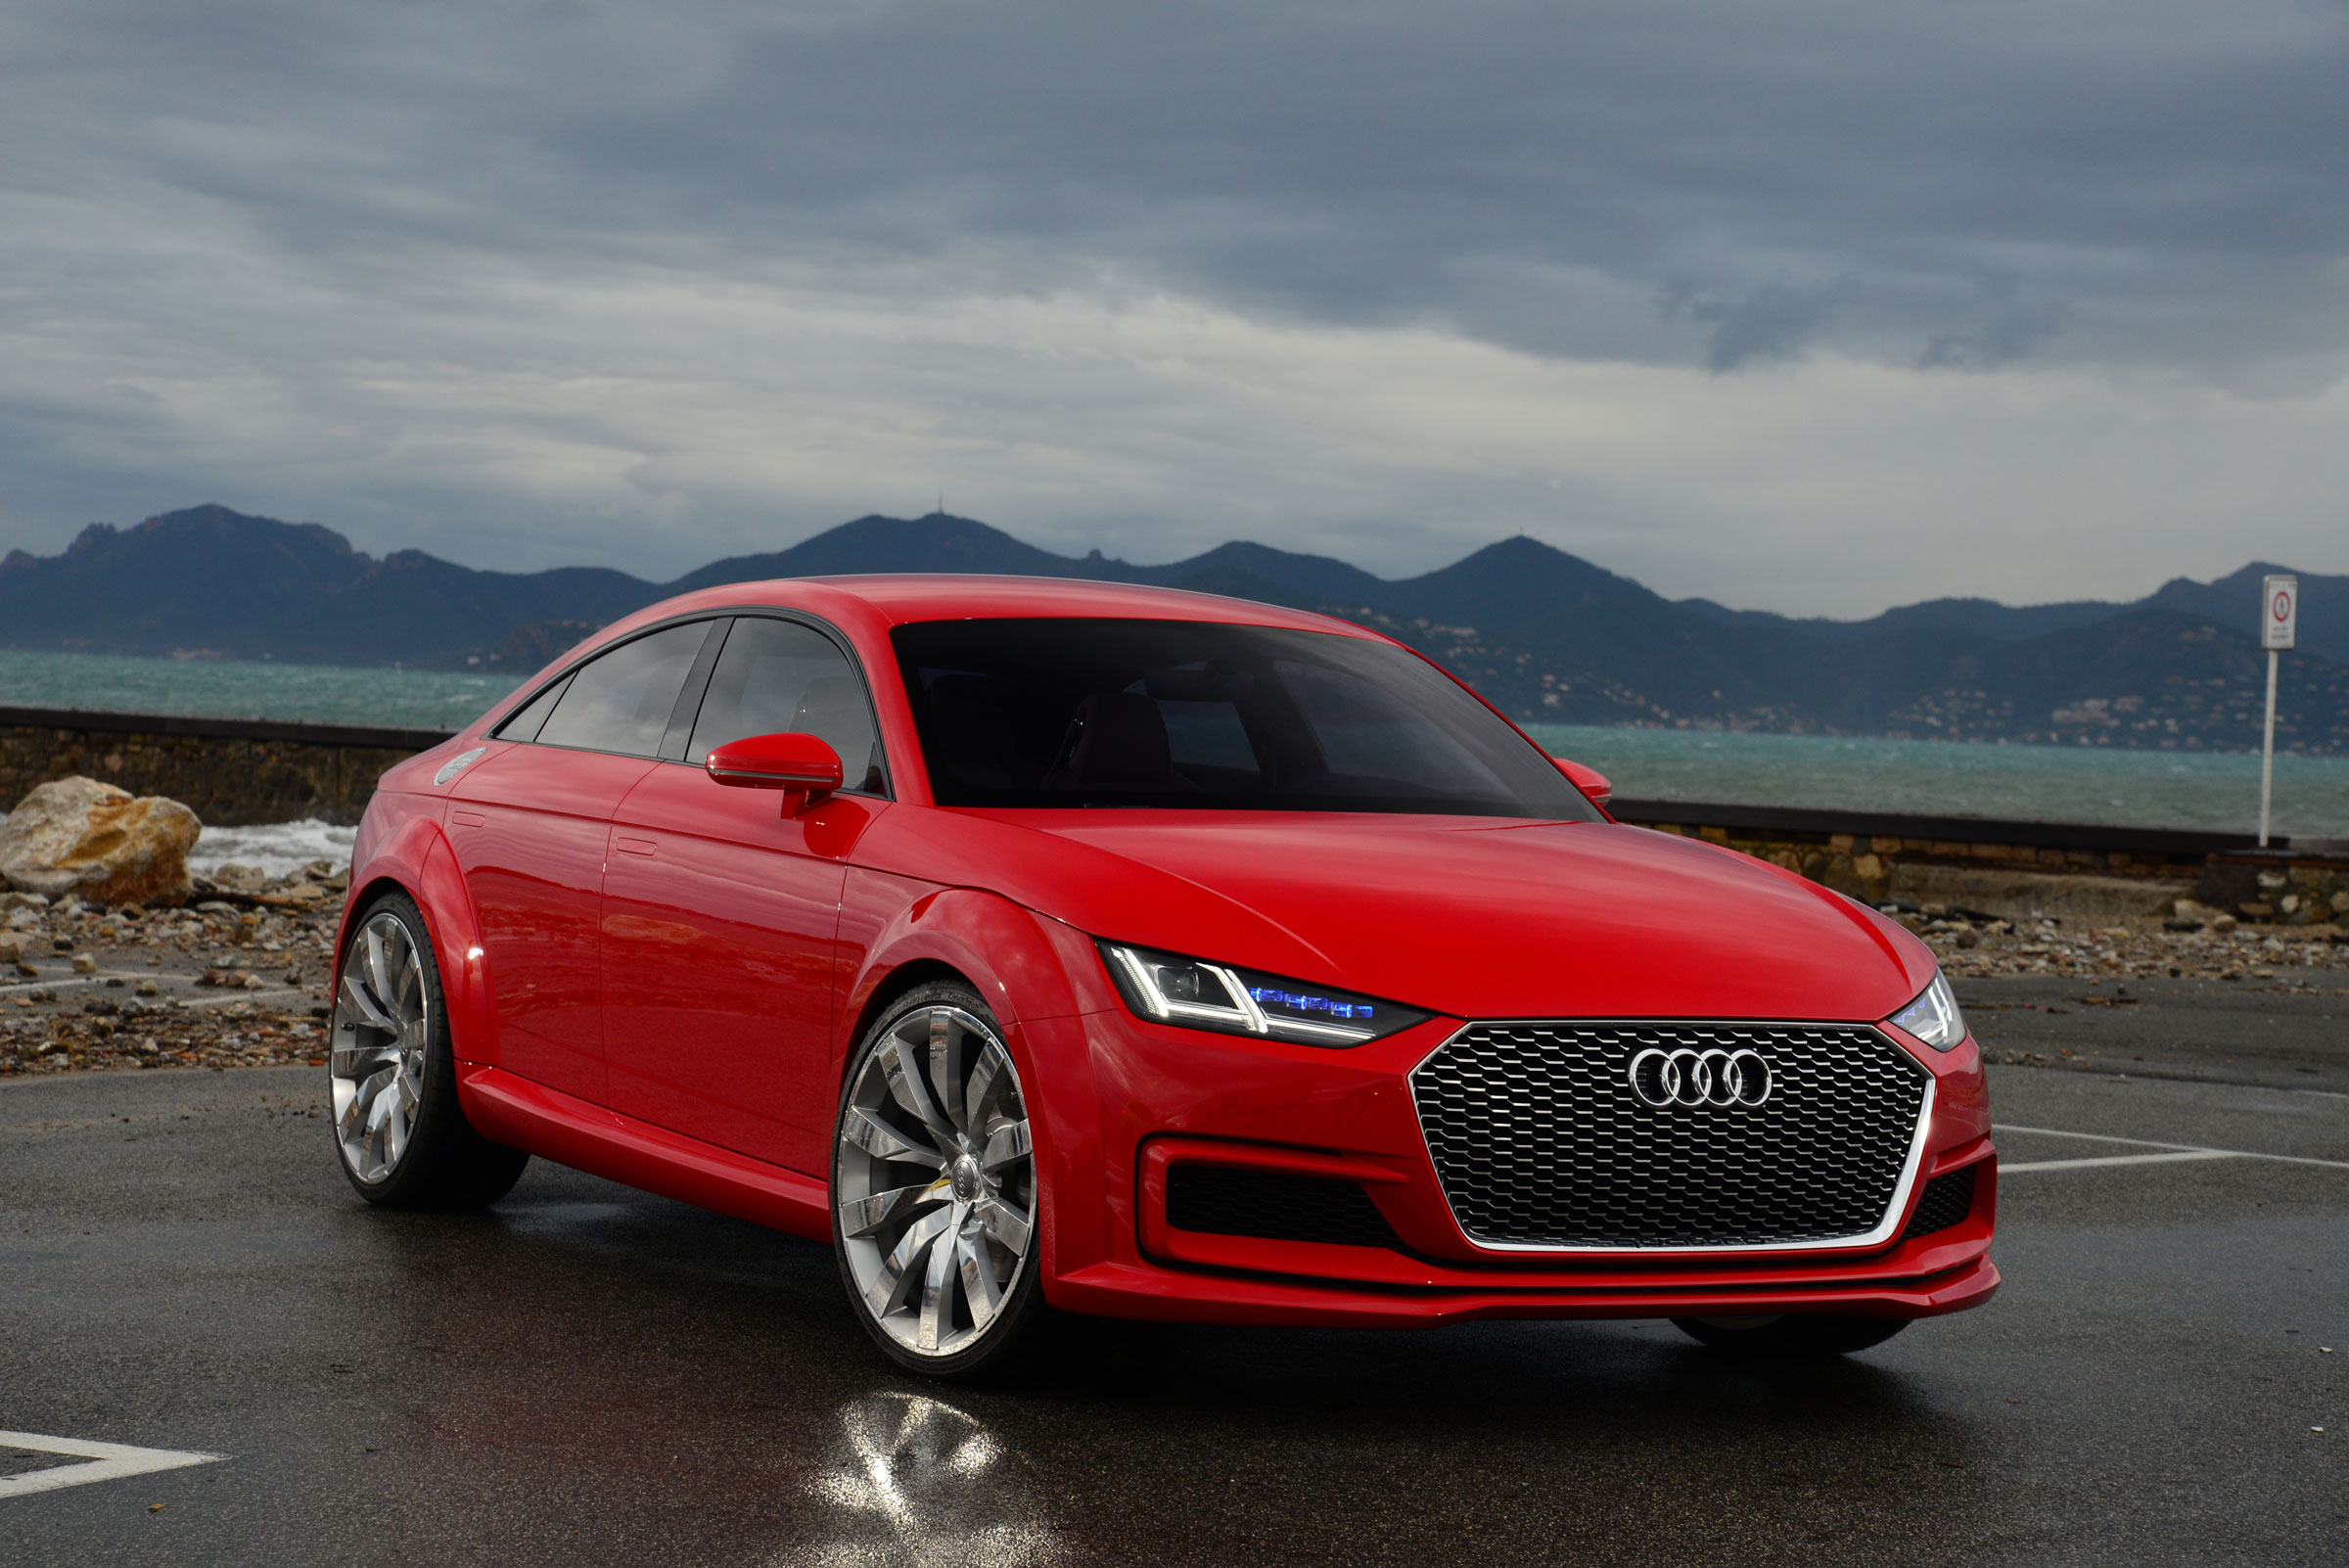 Kelebihan Audi Tt Sportback Review